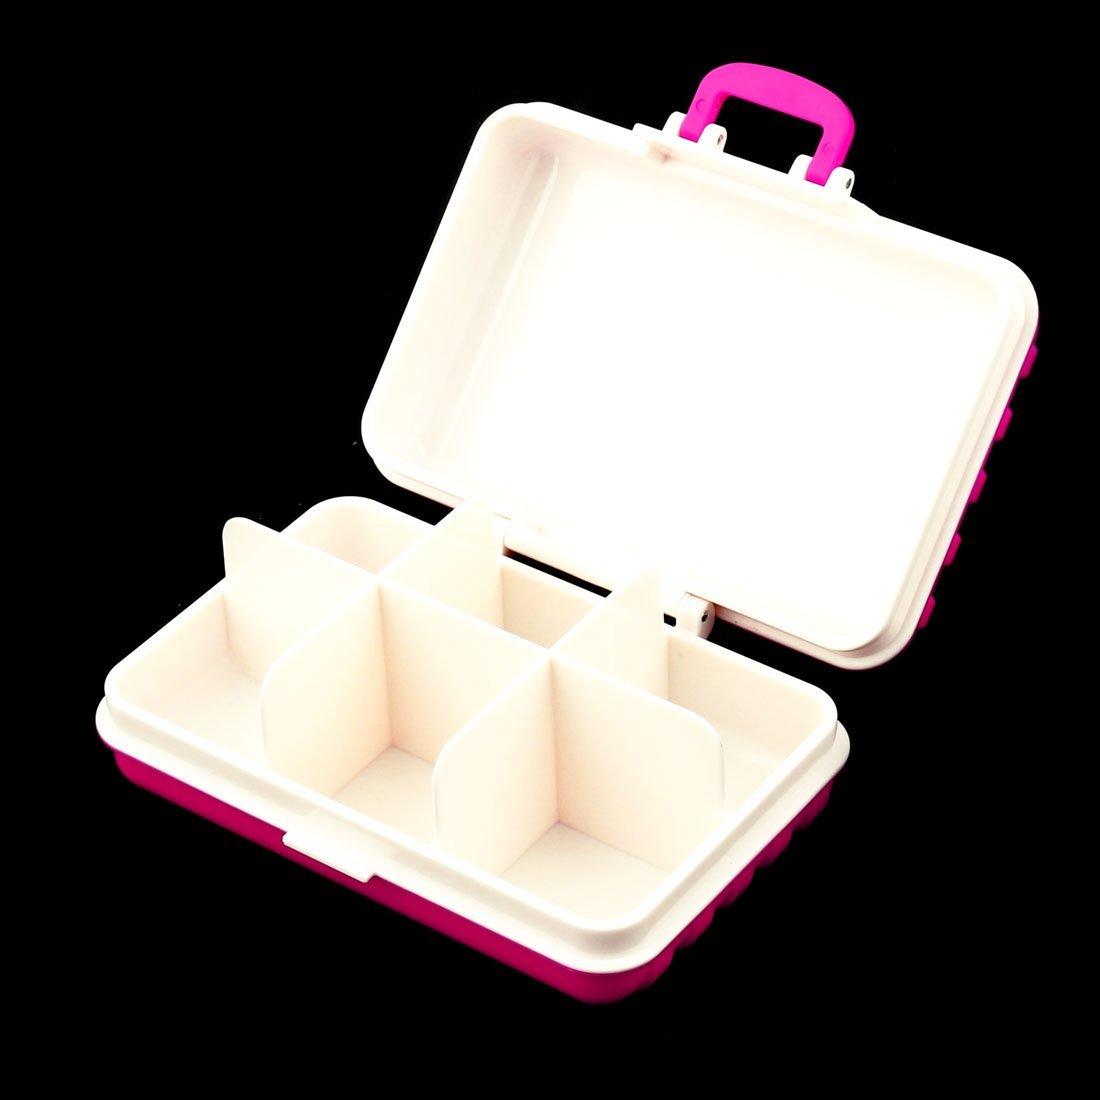 Amazon.com: eDealMax plástico Maleta Diseño 6 ranuras Medicina cápsula de la píldora Caja de almacenamiento Organizador Fucsia: Health & Personal Care